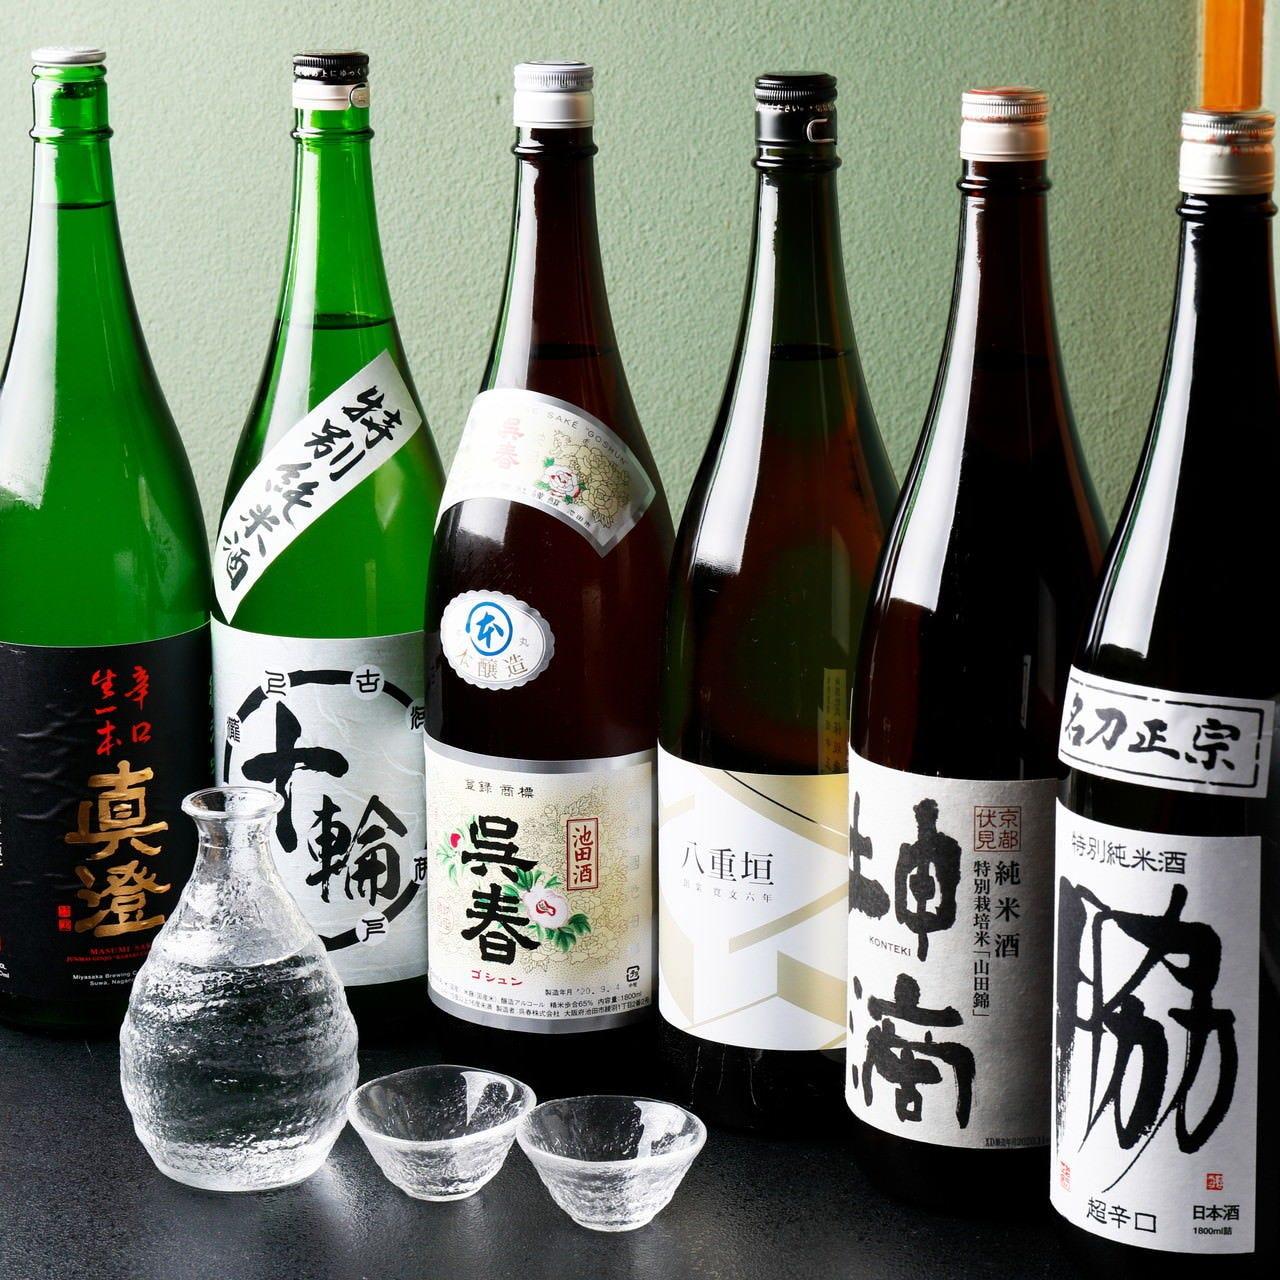 姫路の地酒をはじめアルコール充実